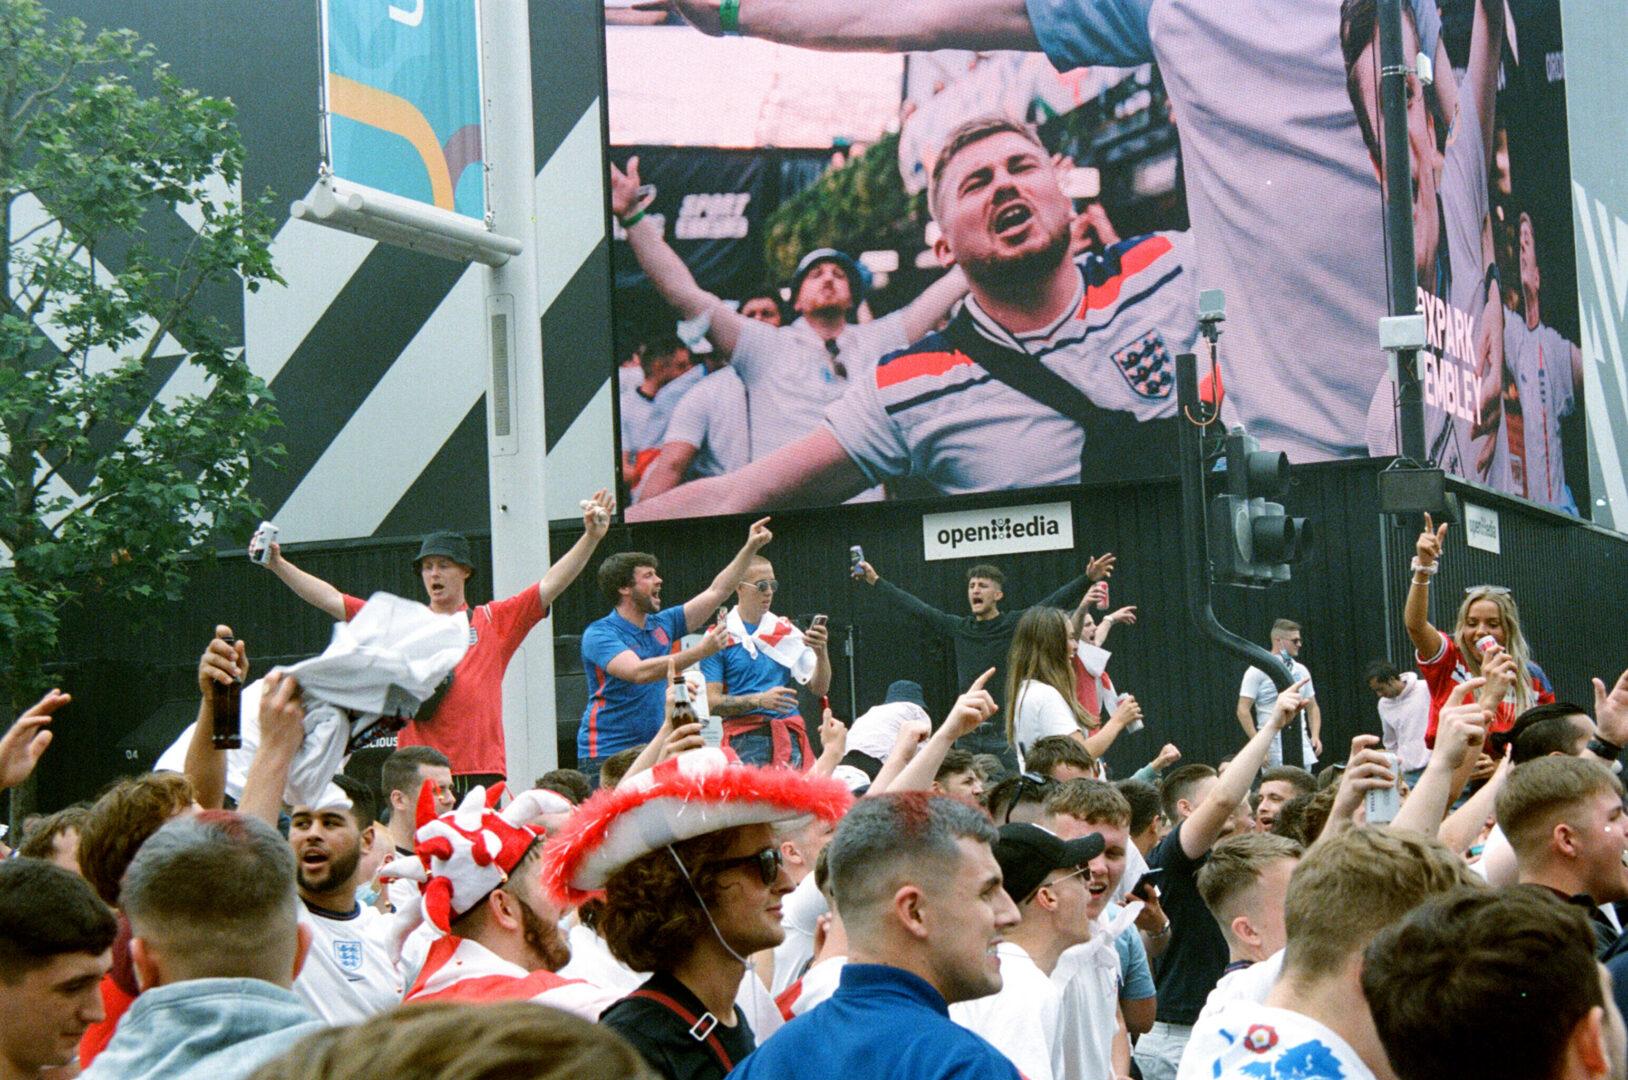 Englische Fans feiern vor dem EM-Finale ausgiebig in der Nähe des Wembley-Stadions.